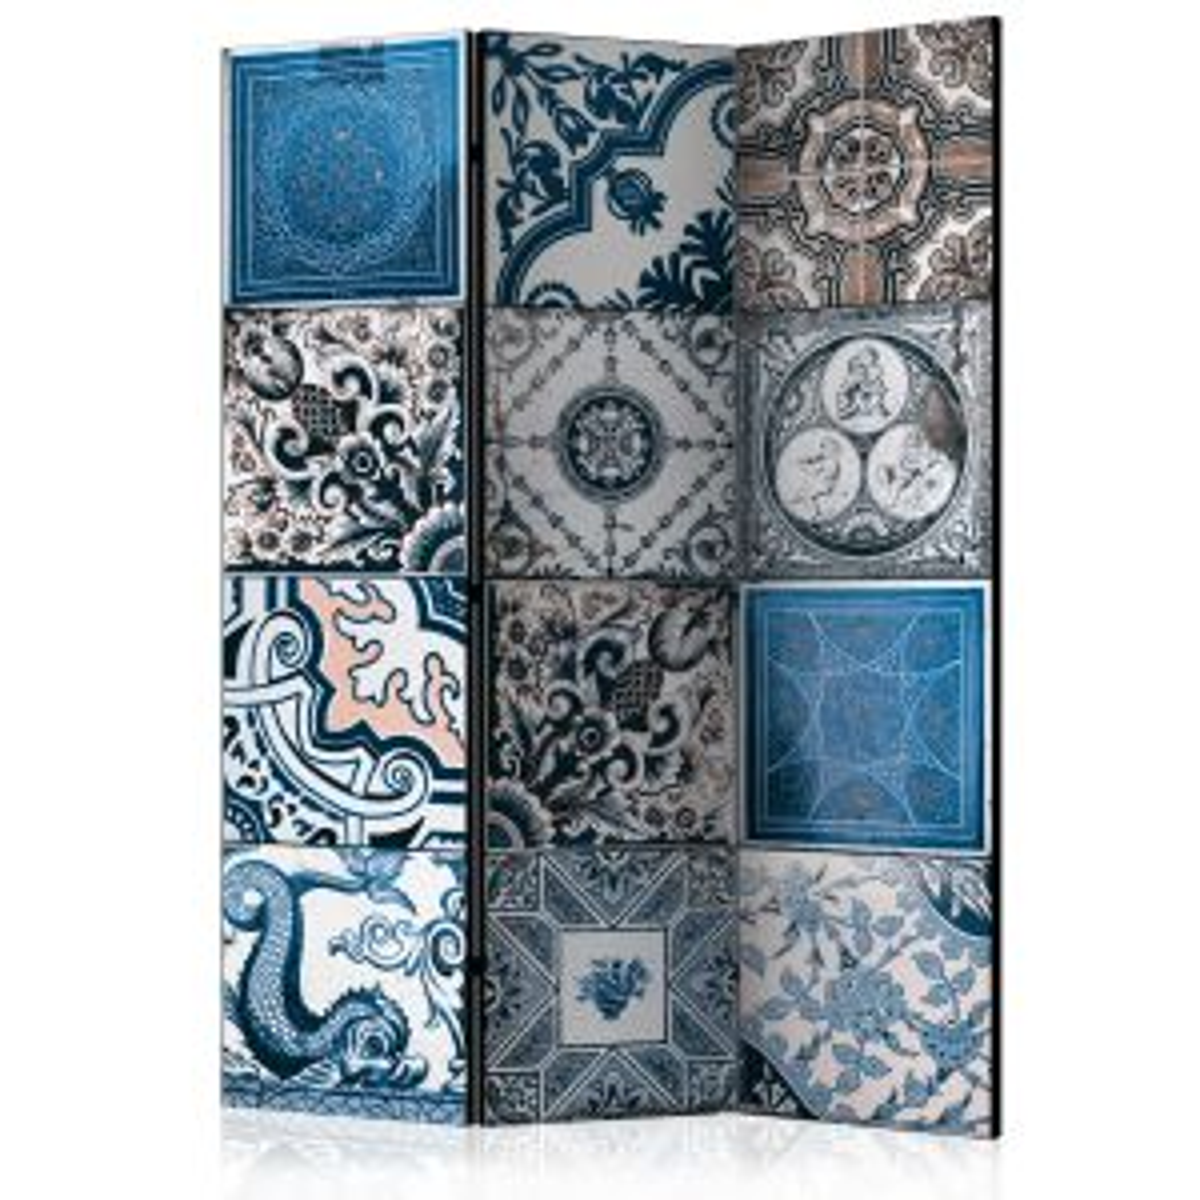 Parawan 3-częściowy - Niebieska arabeska [Room Dividers]